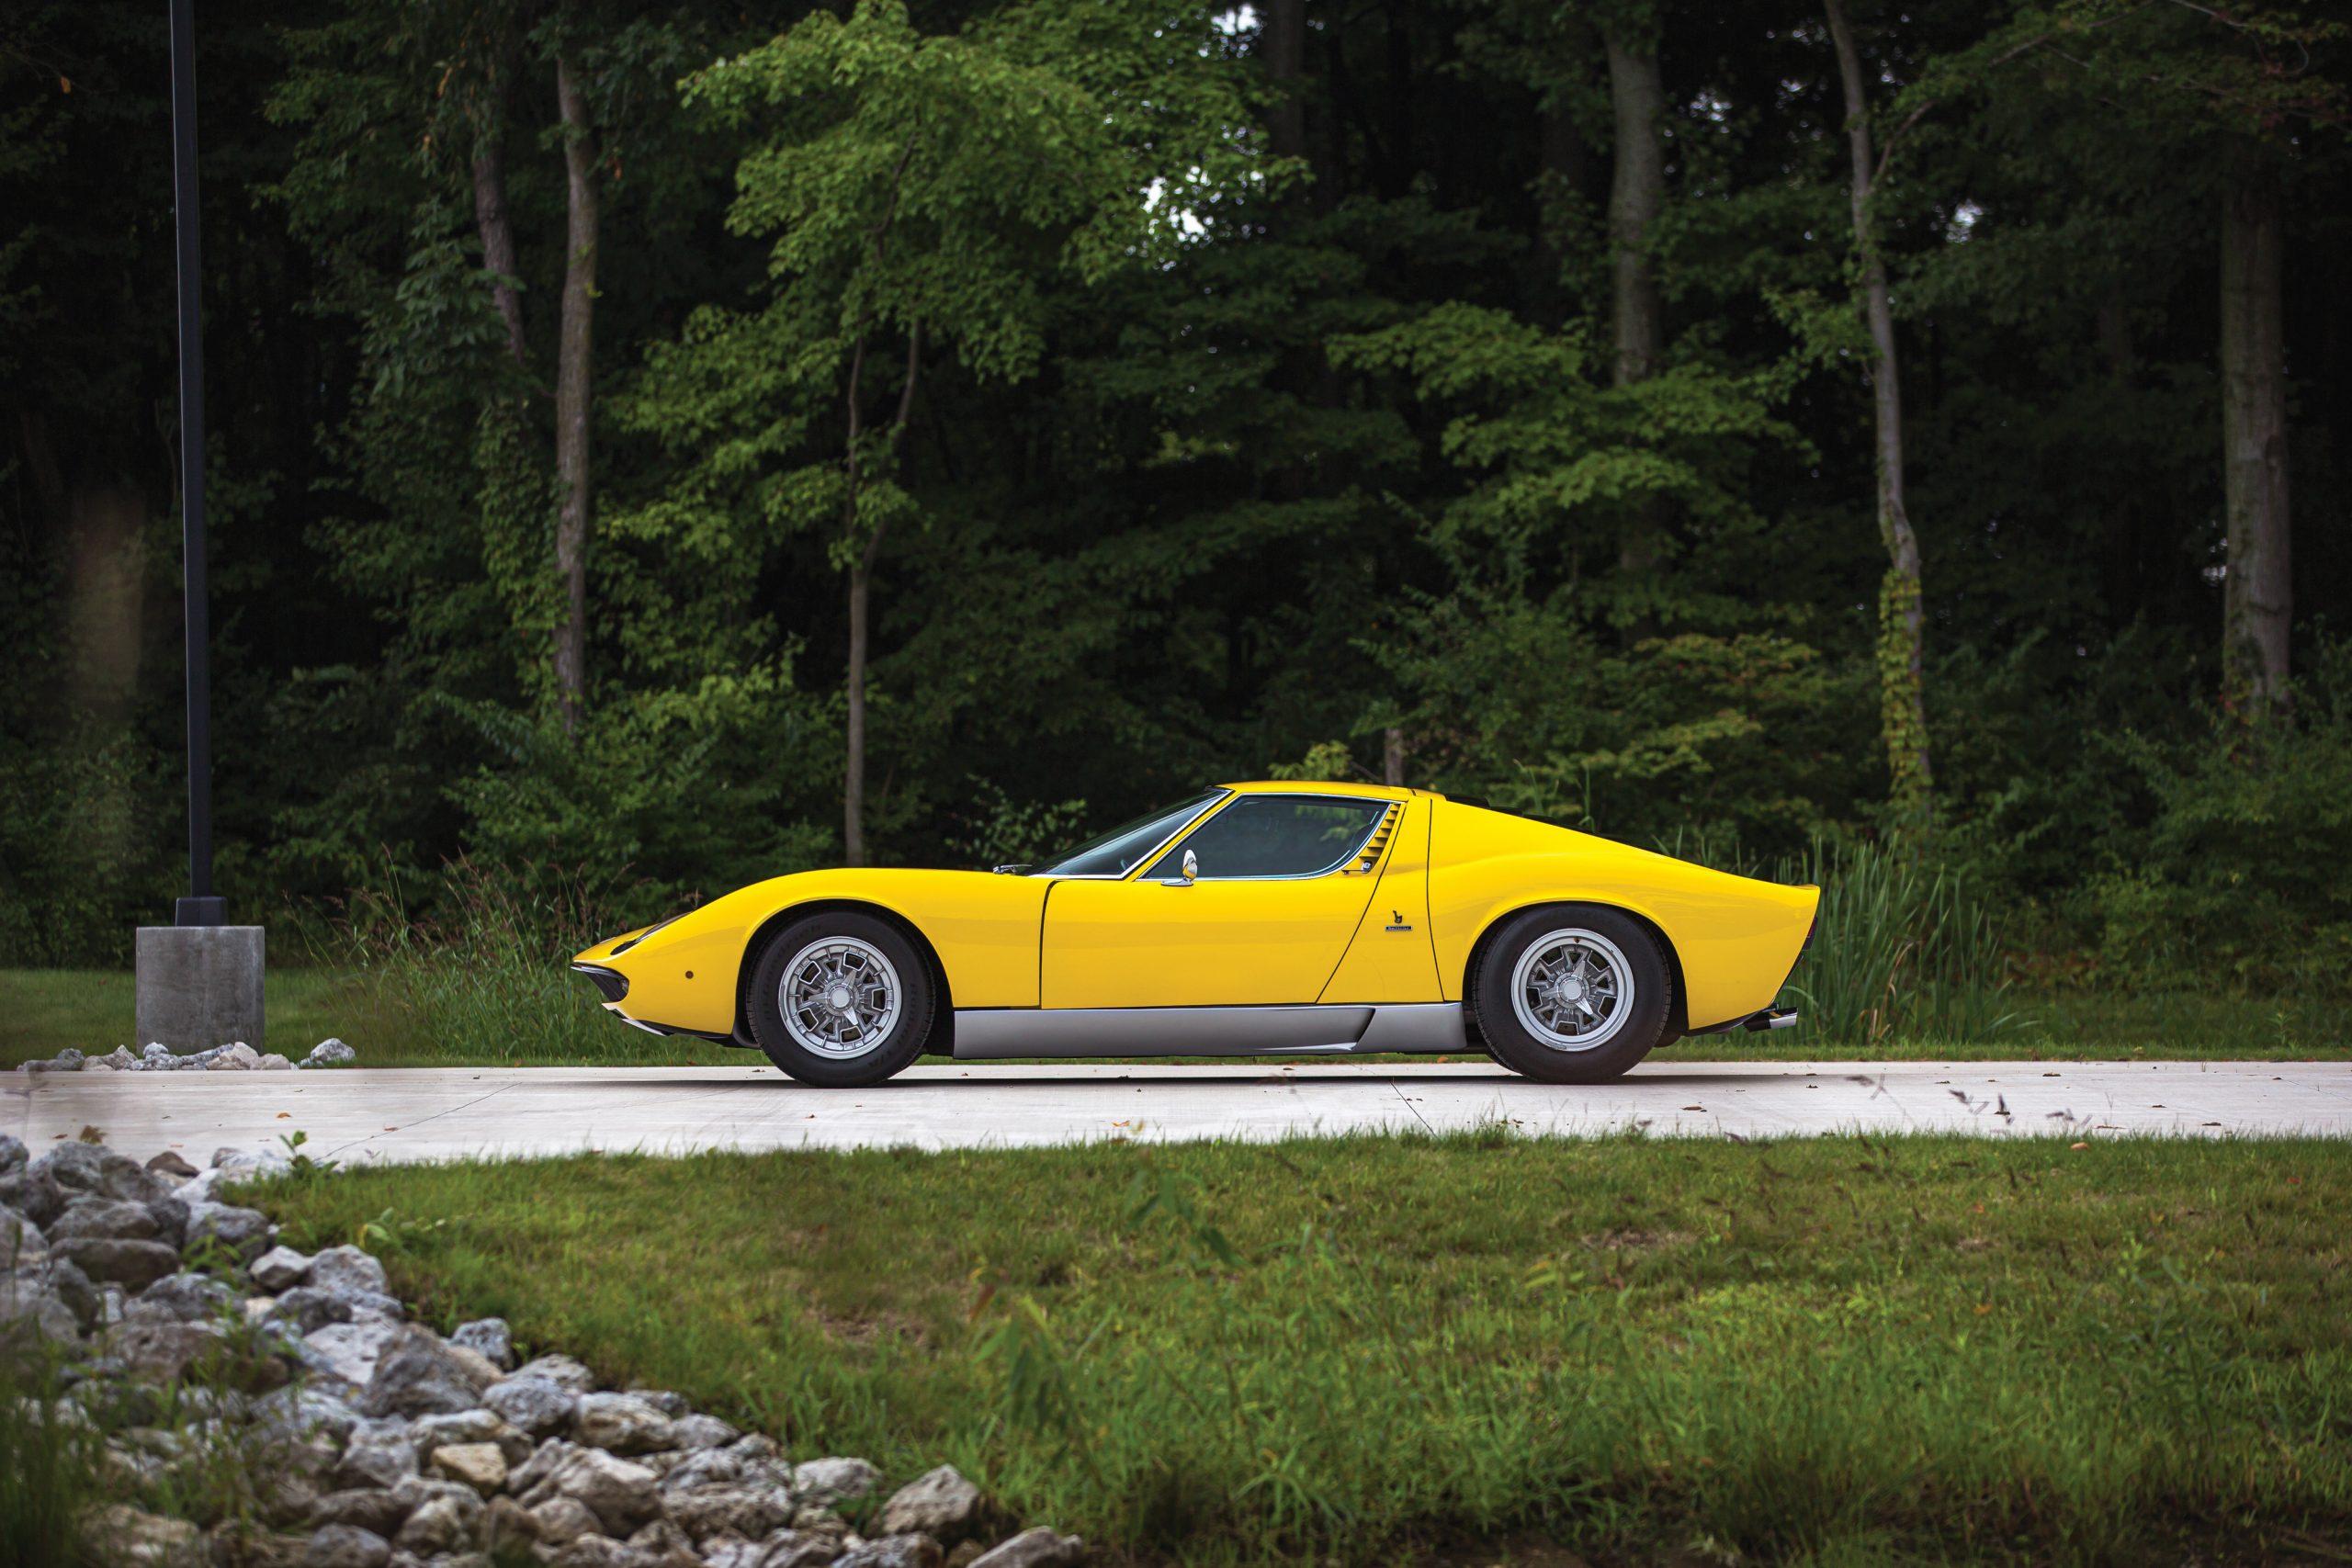 1969 Lamborghini Miura P400 S by Bertone profile